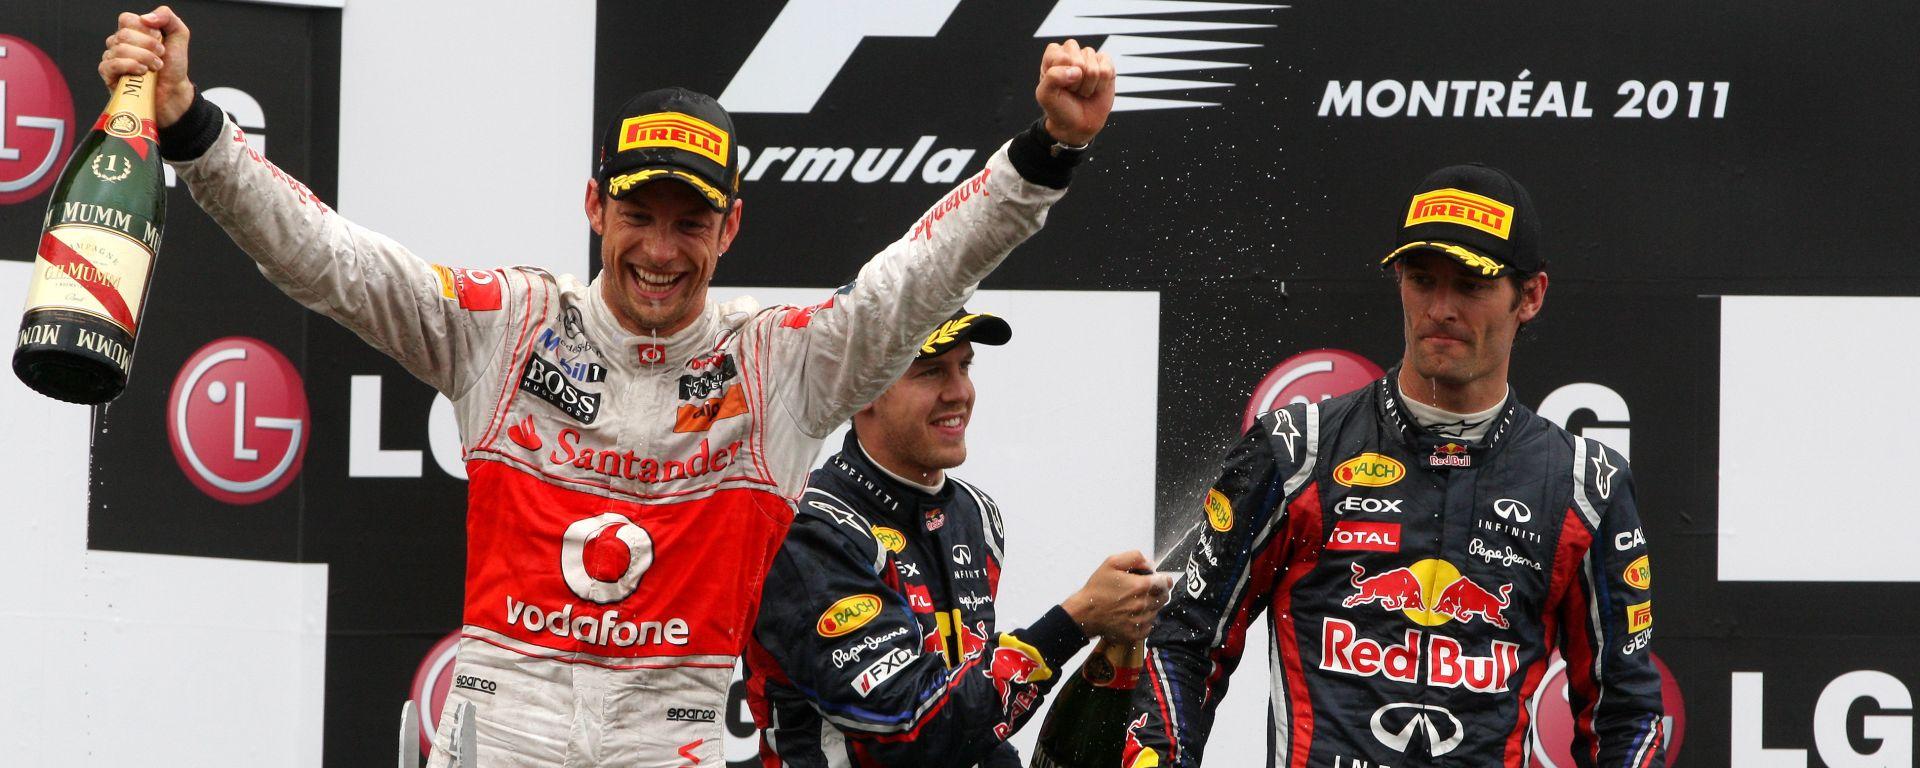 F1 GP Canada 2011, Montreal: Jenson Button (McLaren) sul podio